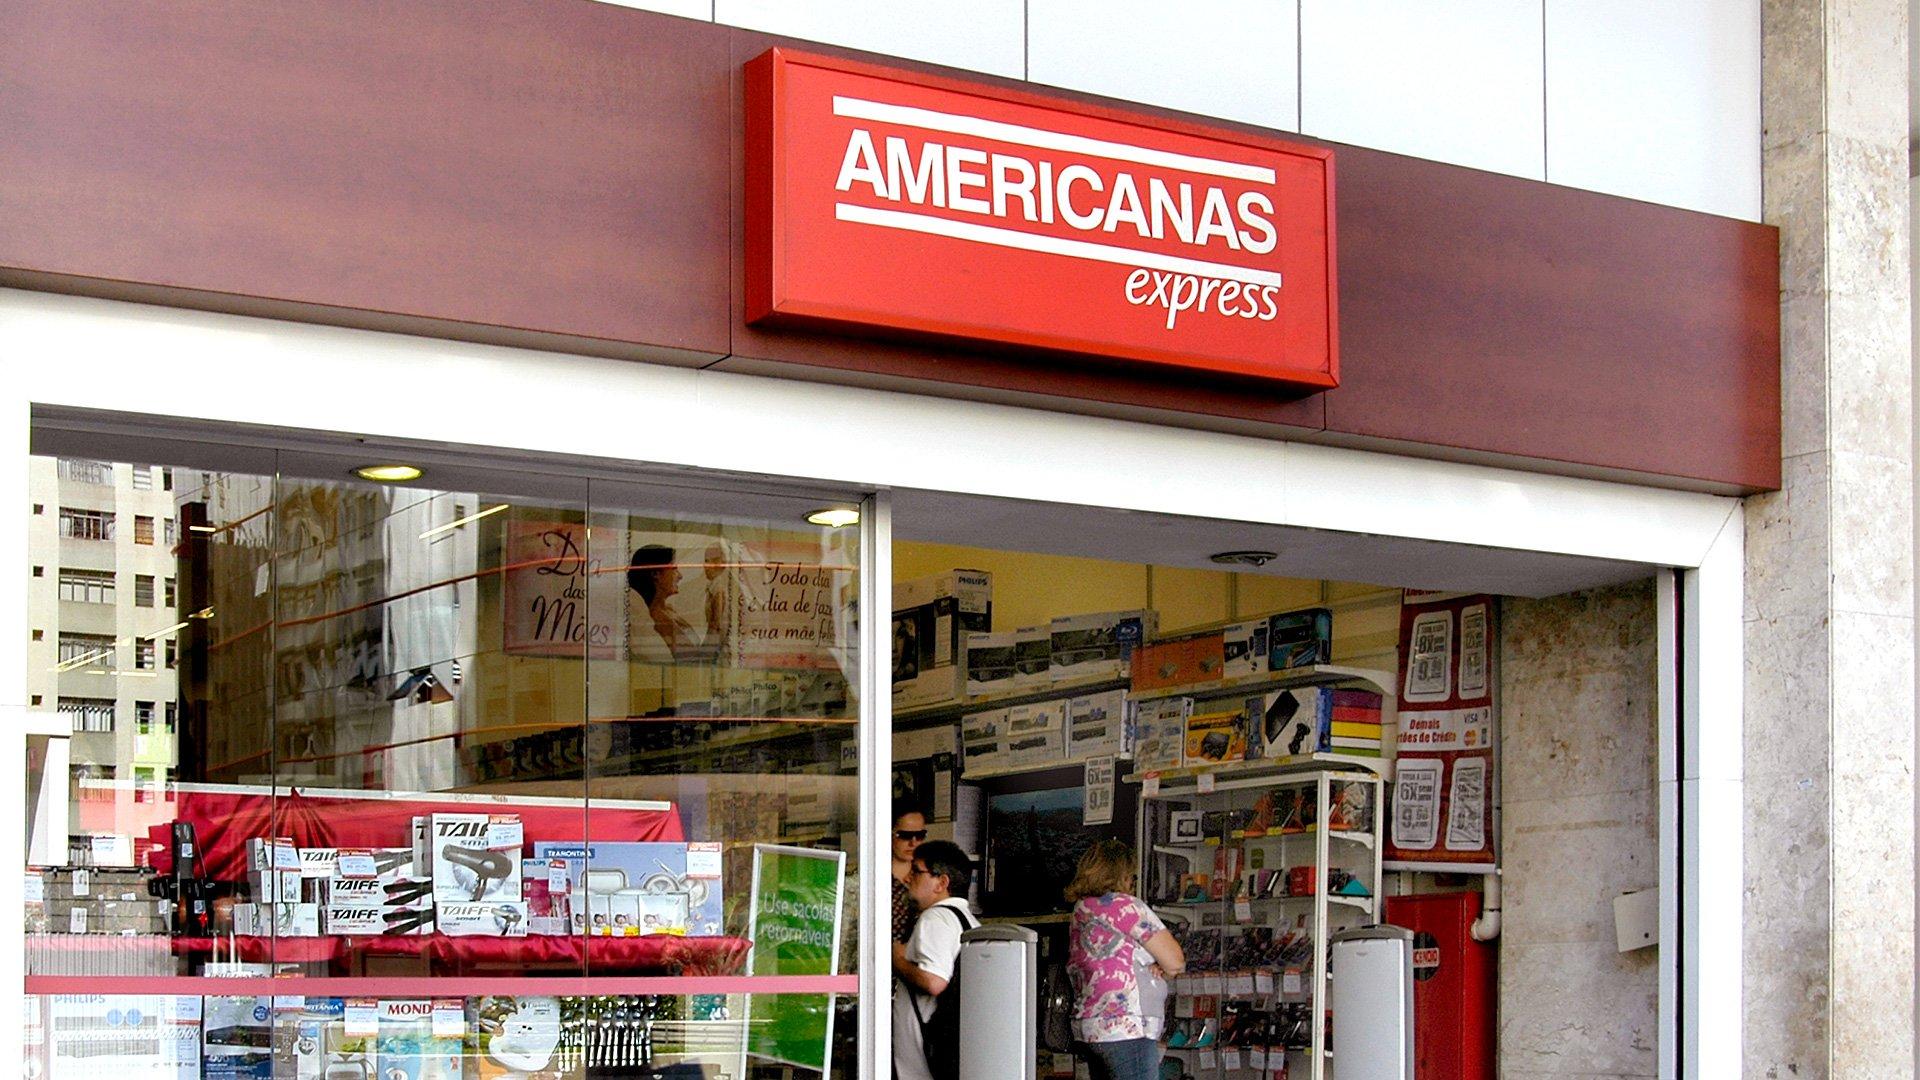 Nem tudo são lágrimas na B3: Lojas Americanas dispara quase 20% com plano  de fusão com B2W - Seu Dinheiro